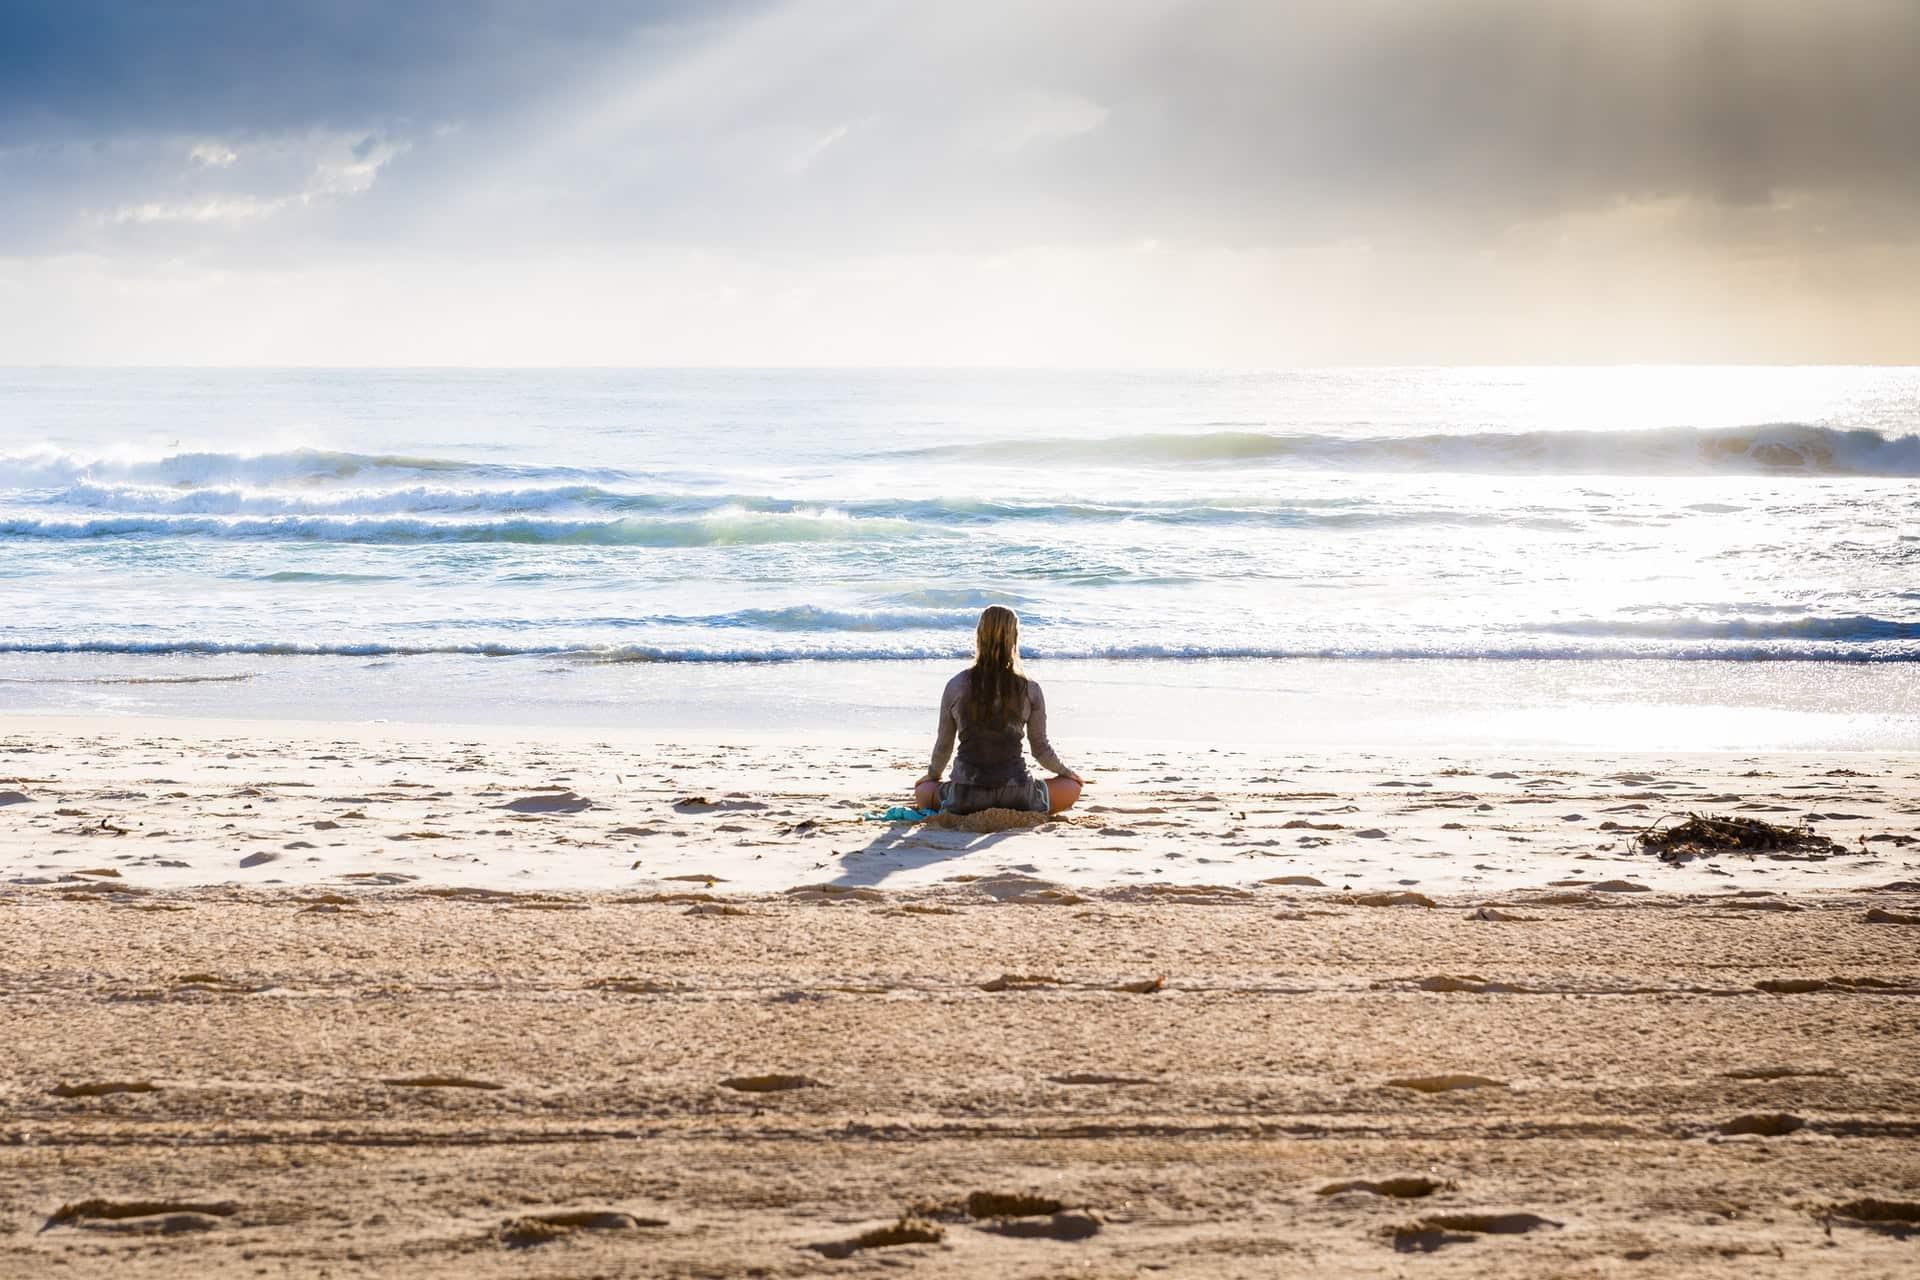 meditation girl on the beach